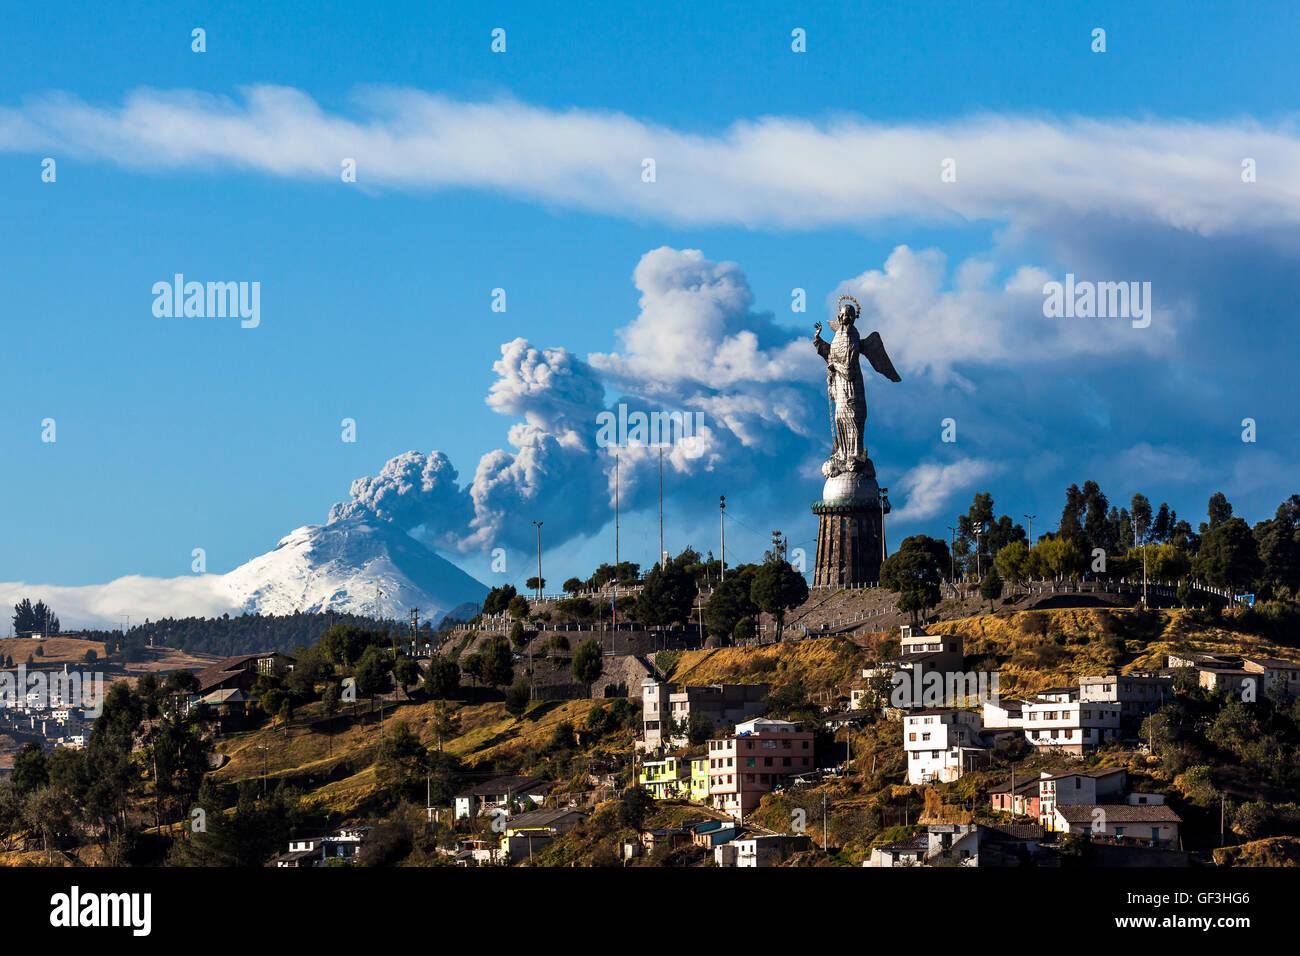 Il vulcano Cotopaxi eruzione Panecillo e la Madonna visto da Quito, Ecuador Immagini Stock